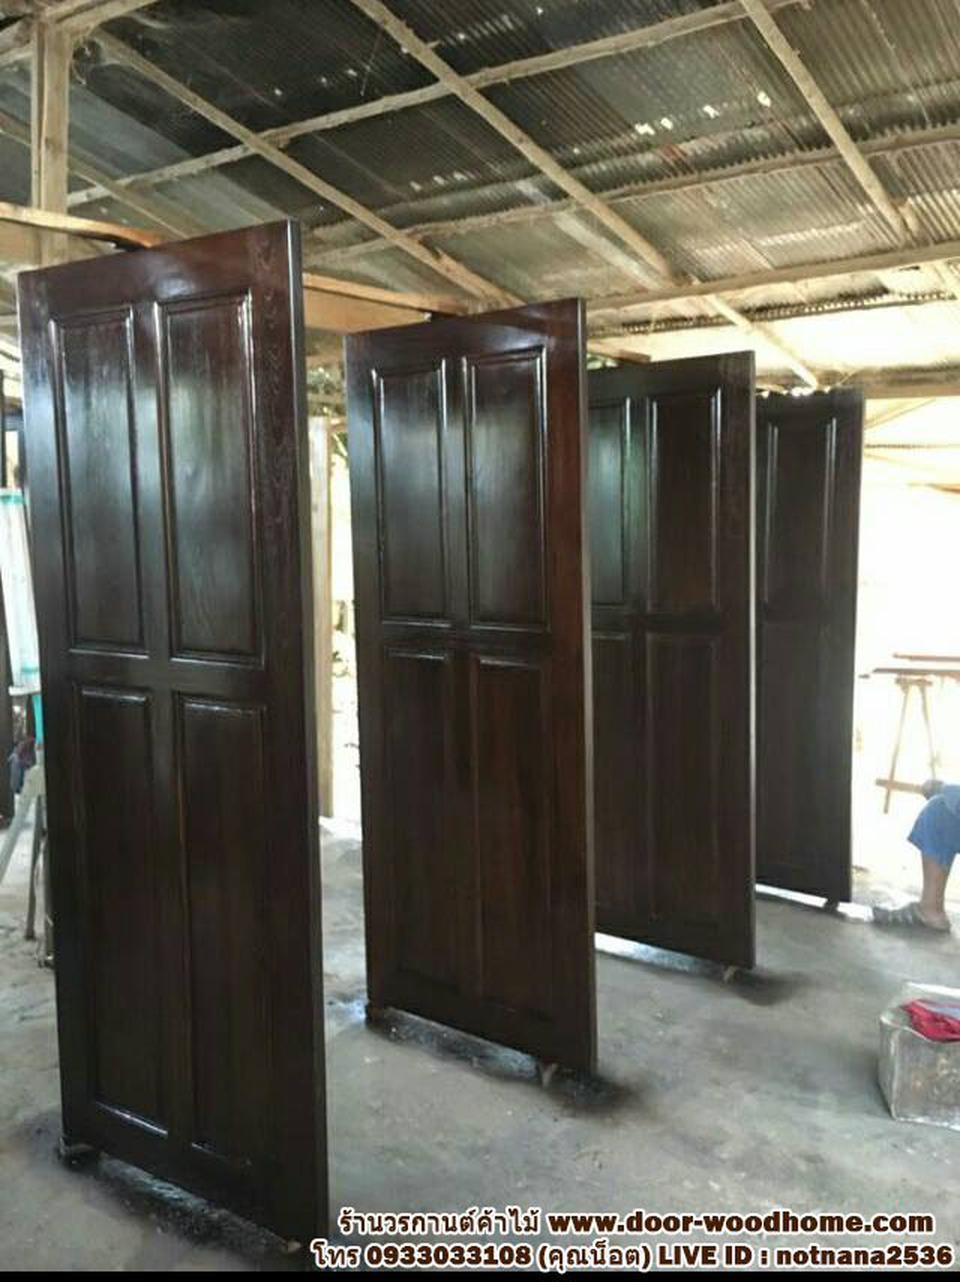 ร้านวรกานต์ค้าไม้ จำหน่าย ประตูไม้สักบานคู่ ประตูไม้สักบานเดี่ยว ประตูไม้สักกระจกนิรภัย ประตูโมเดิร์น รูปที่ 3